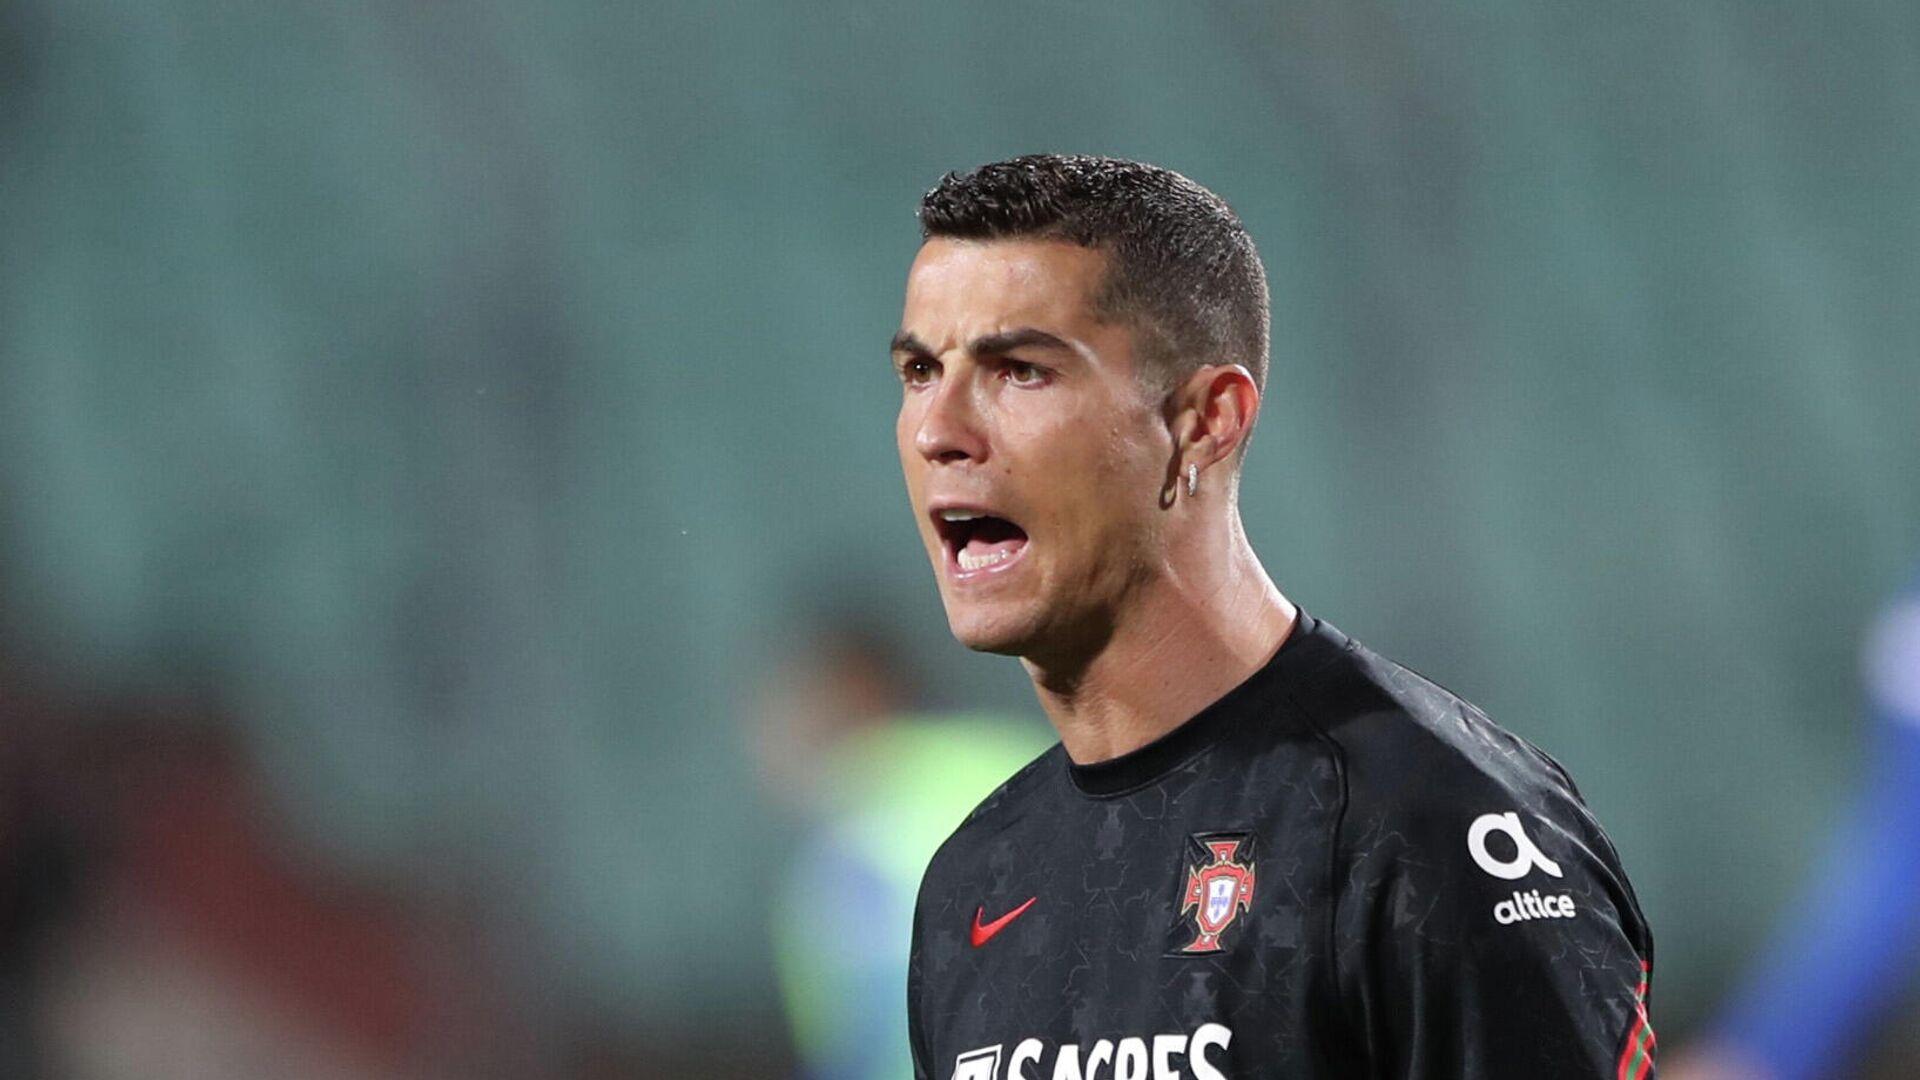 Cristiano Ronaldo, futbolista portugués - Sputnik Mundo, 1920, 03.04.2021